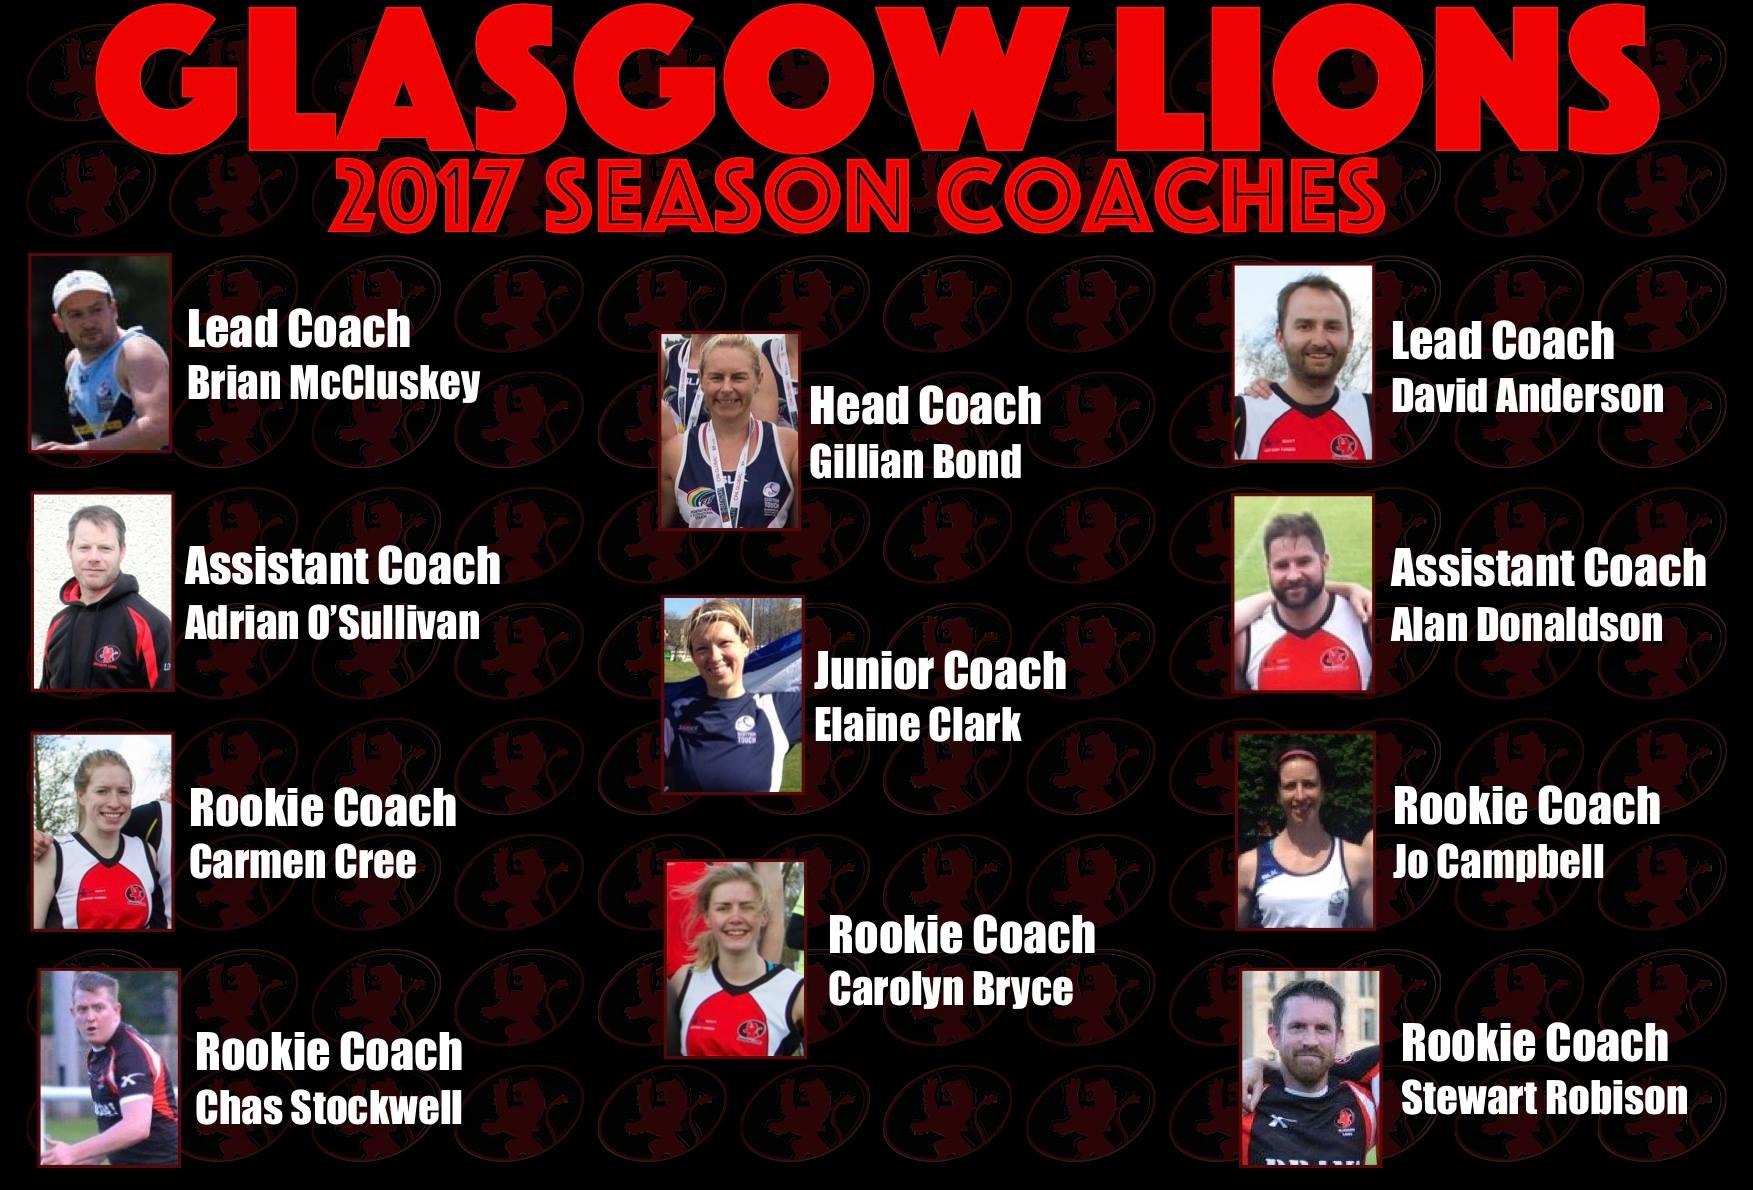 Lions Coaches 2017